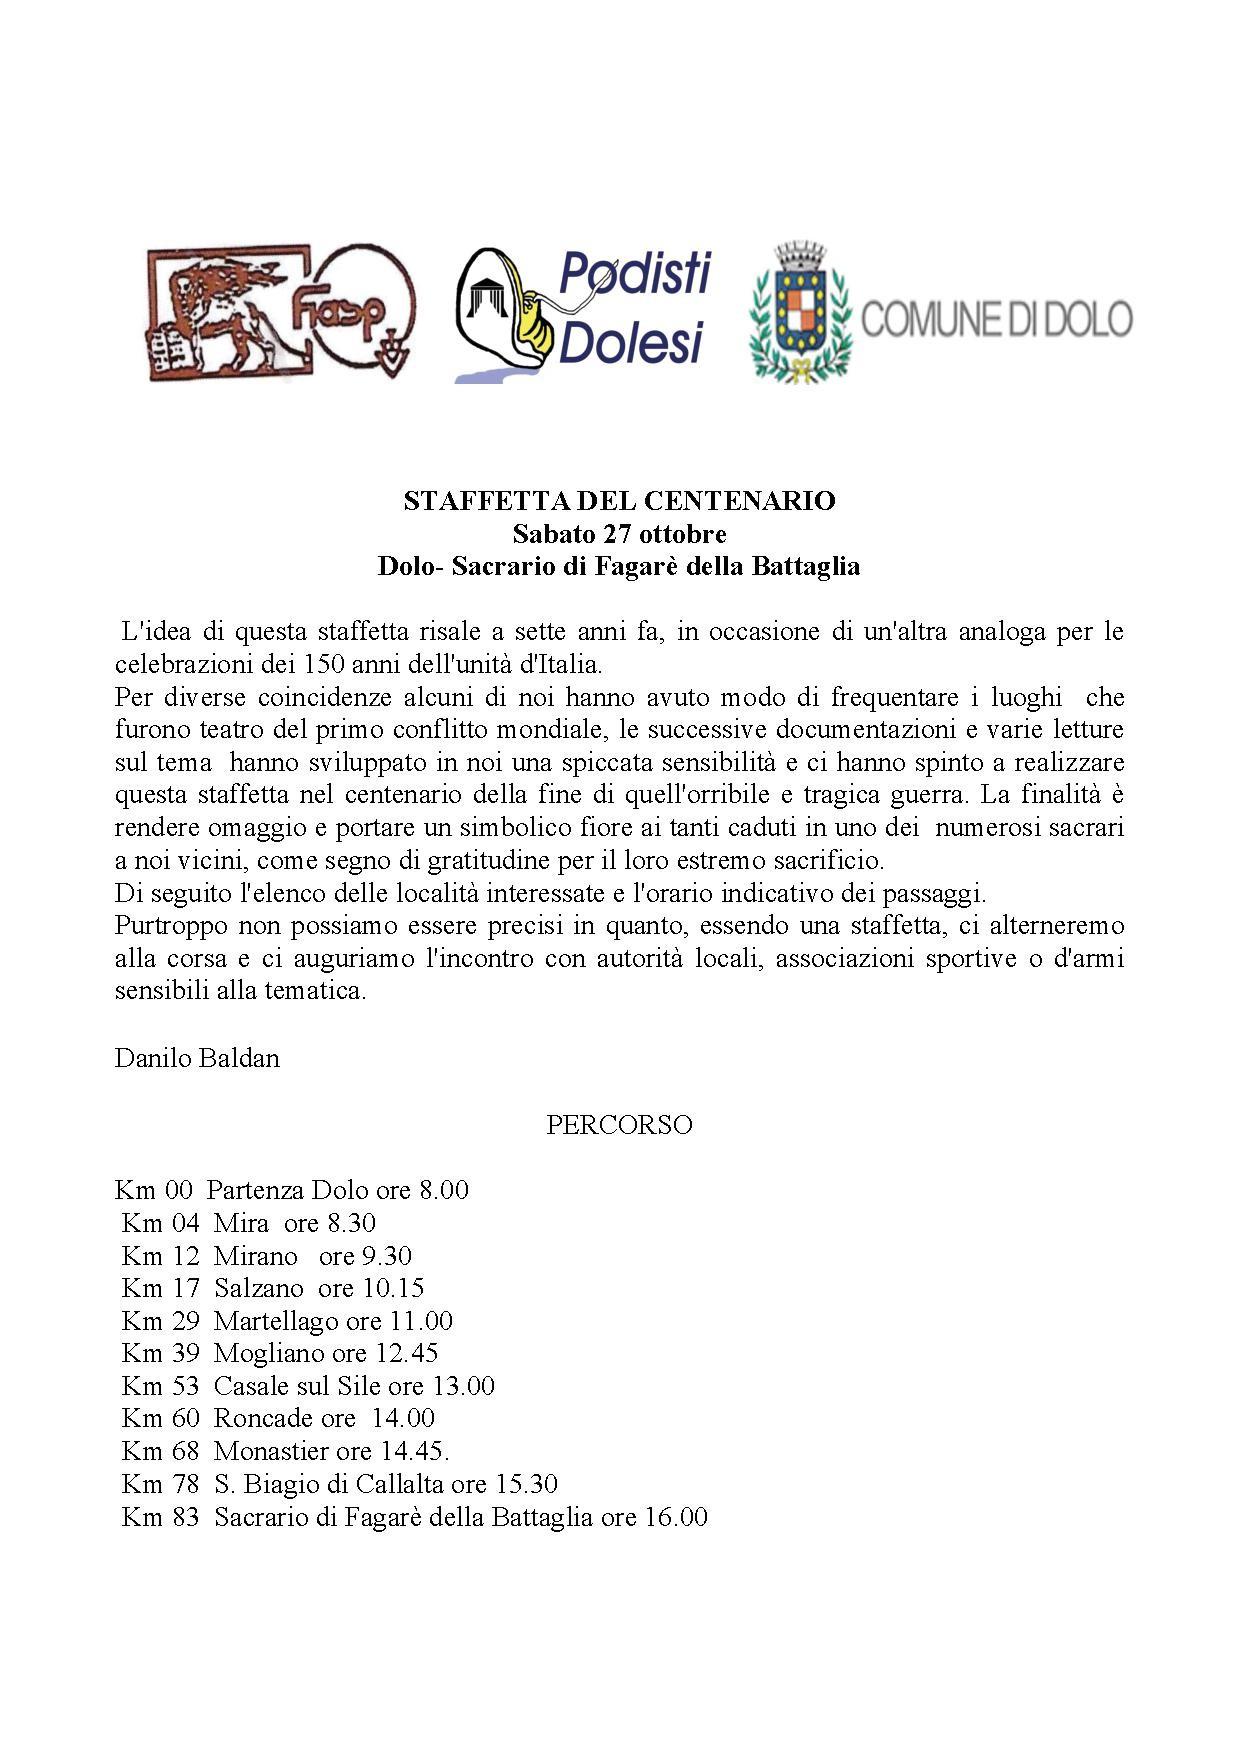 STAFFETTA DEL CENTENARIO DOLO SACRARIO MILITARE DI FAGARE DELLA BATTAGLIA TV